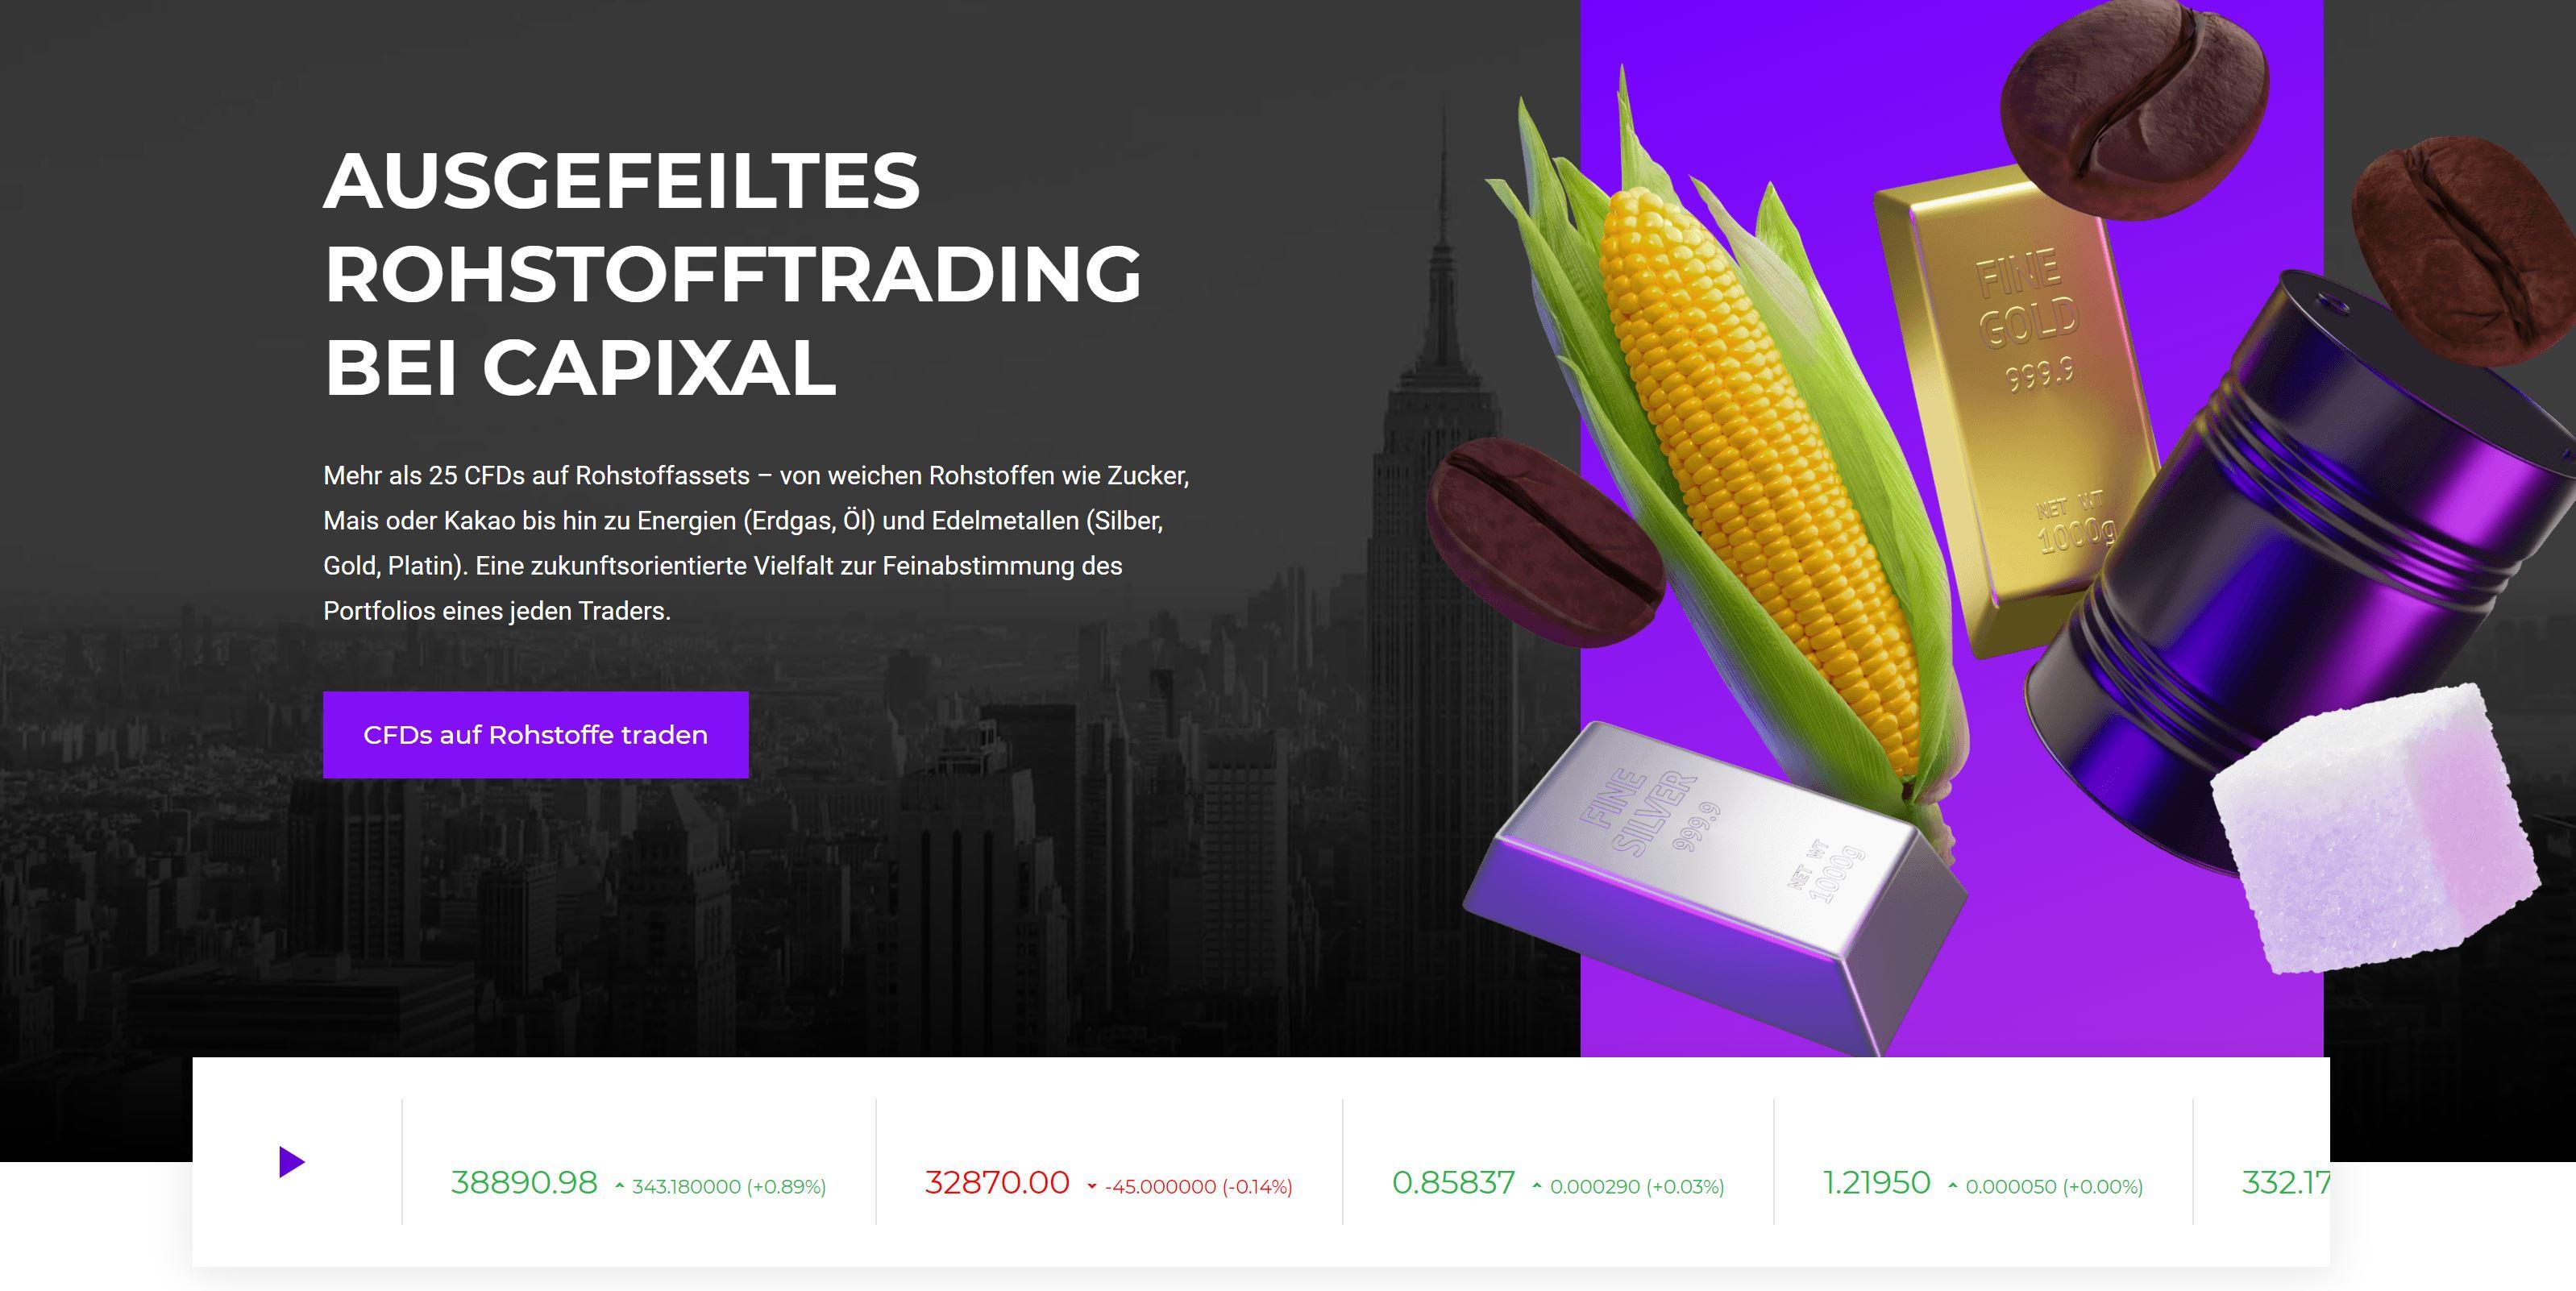 Capixal.com торговля сырьем